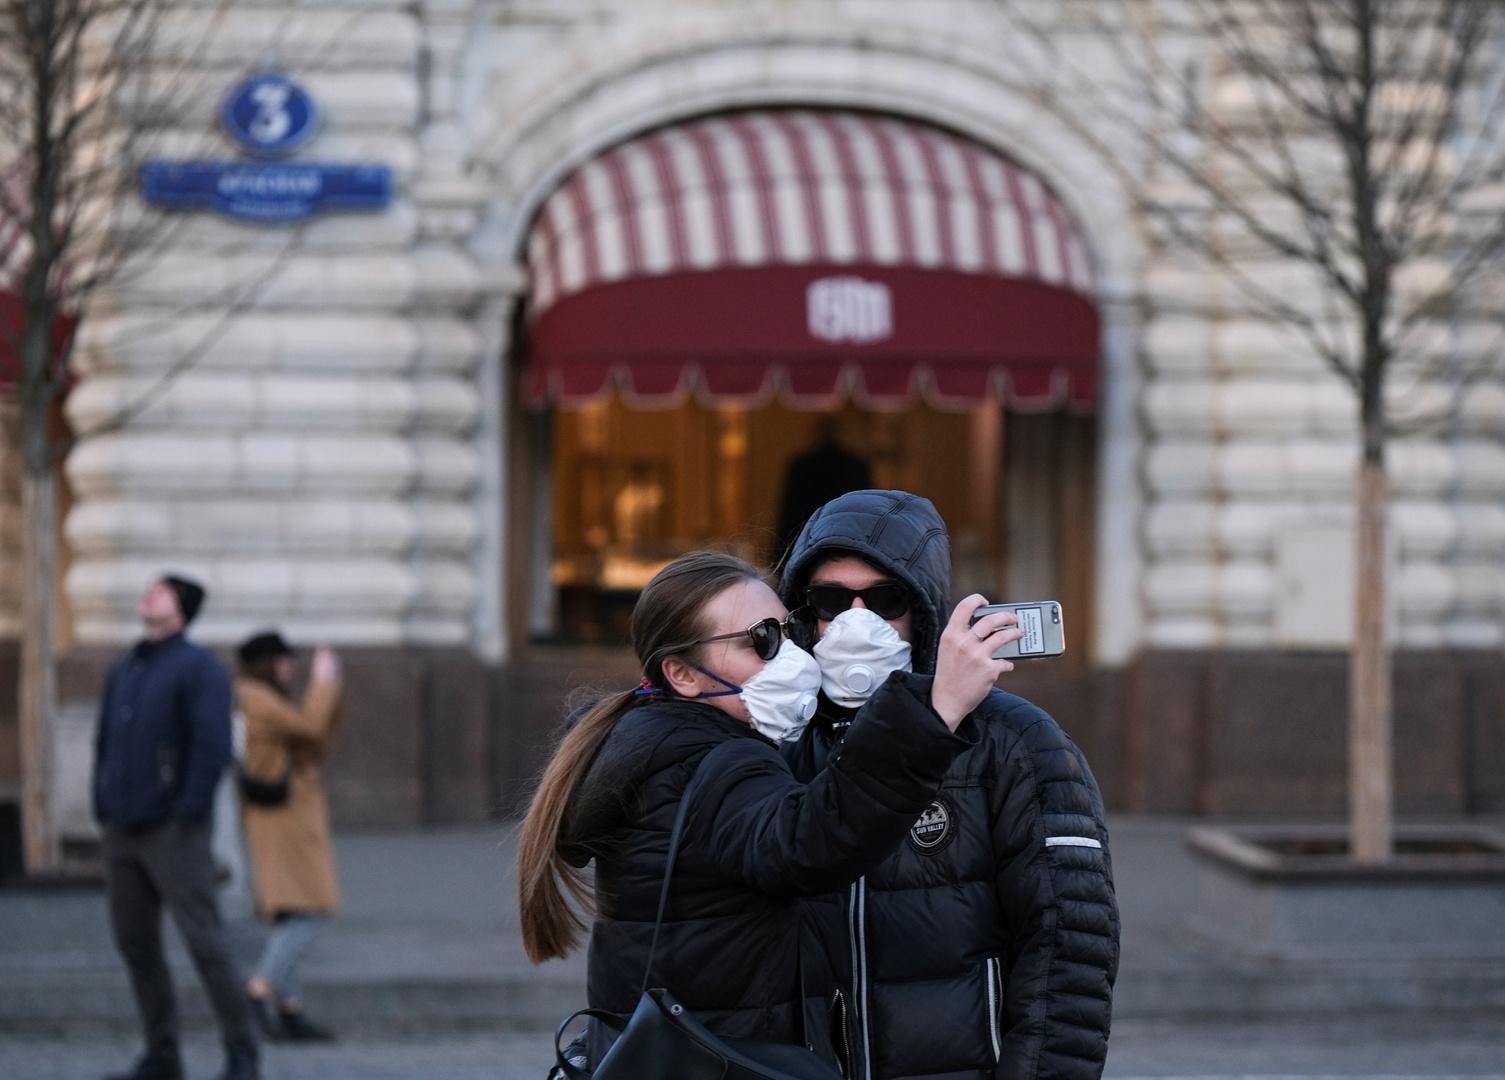 روسيا لن تفرض حجرا صحيا مشددا والإجراءات القائمة لمكافحة